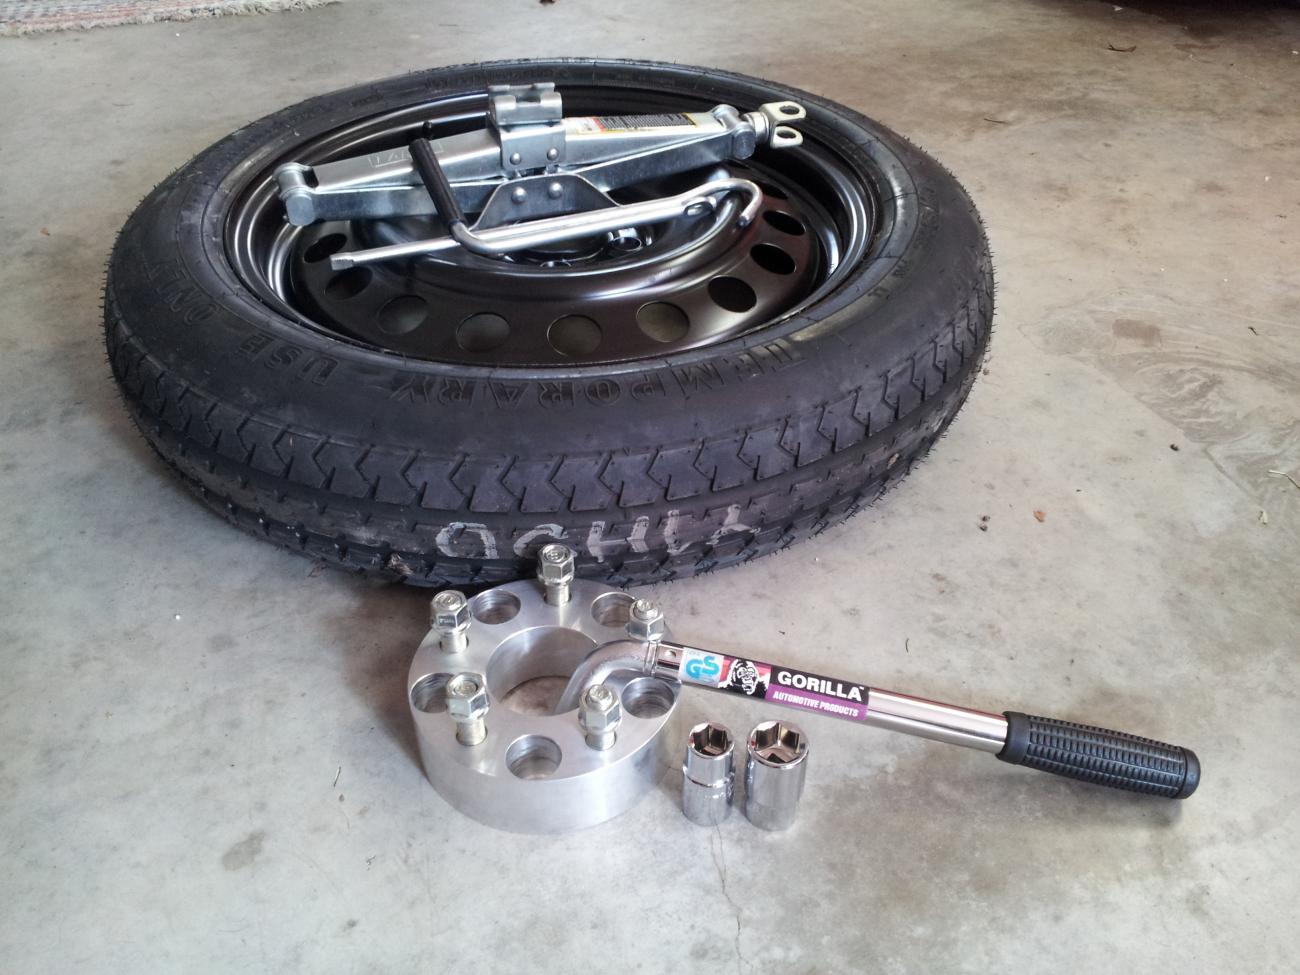 Ss Spare Tire Kit Camaro5 Chevy Camaro Forum Camaro